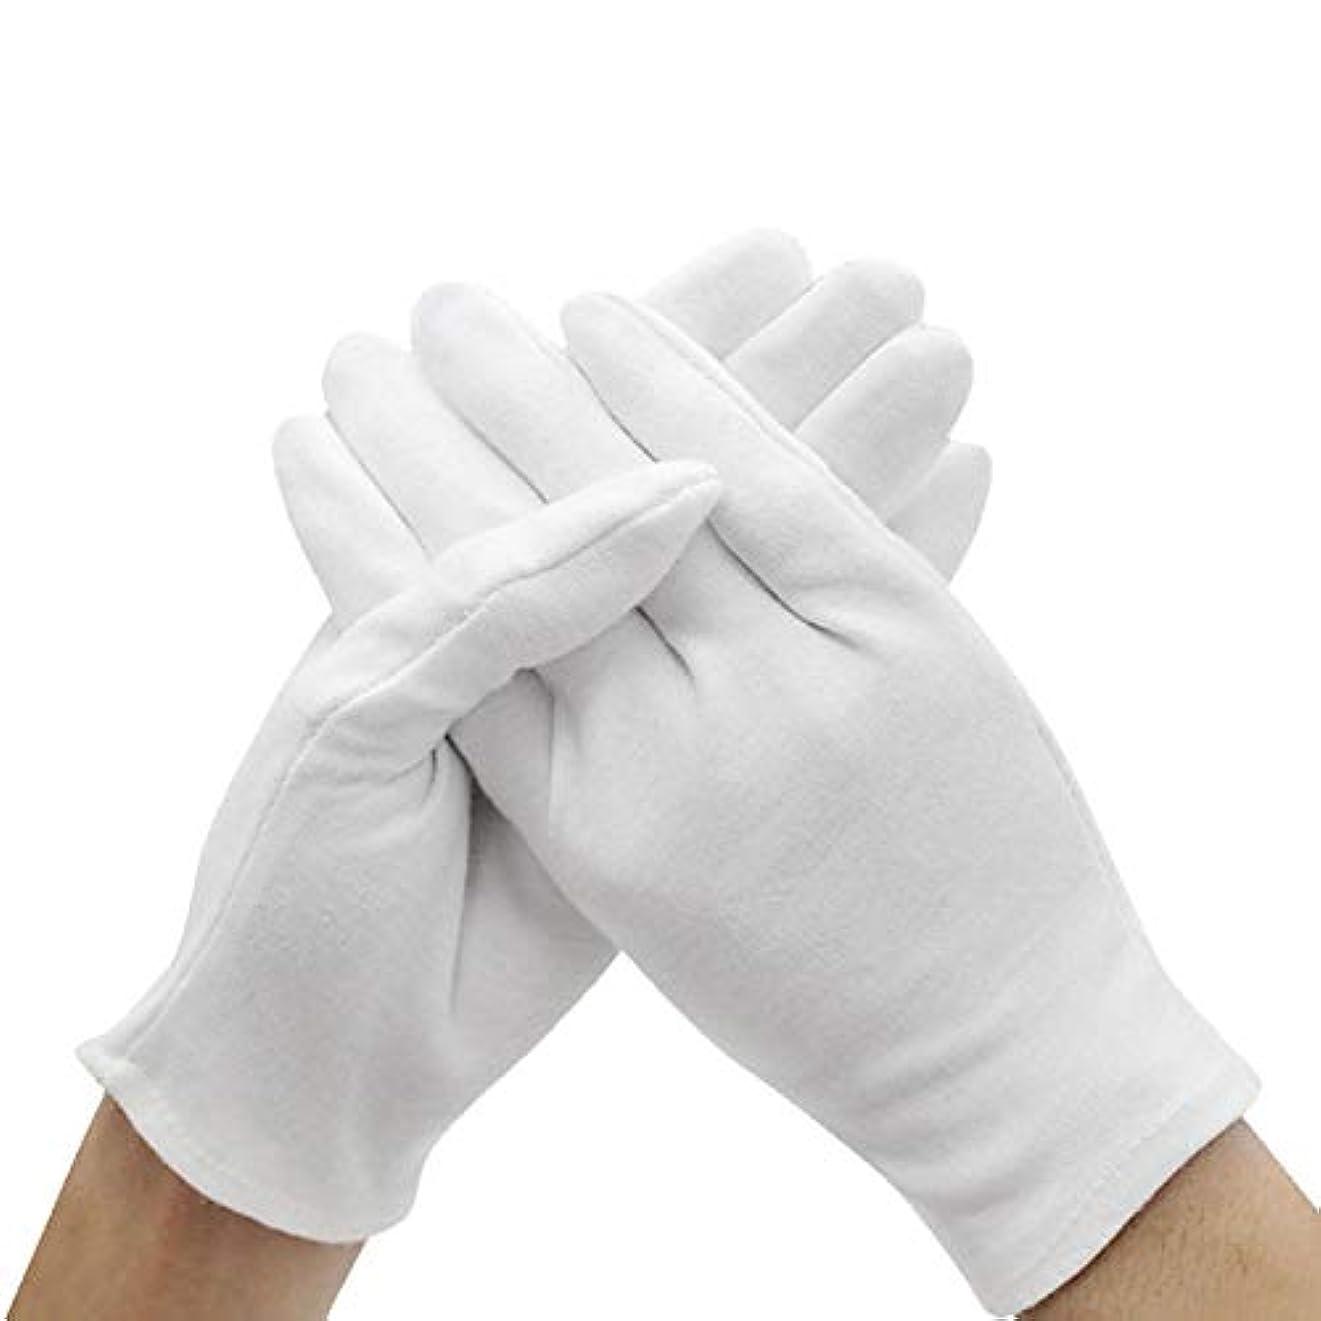 注目すべき気づくアリコットン手袋 綿 手荒れ予防 【湿疹用 乾燥肌用 保湿用 礼装用】純綿100% 白手袋 作業用 インナー手袋,ワンサイズ,エチケットの機会